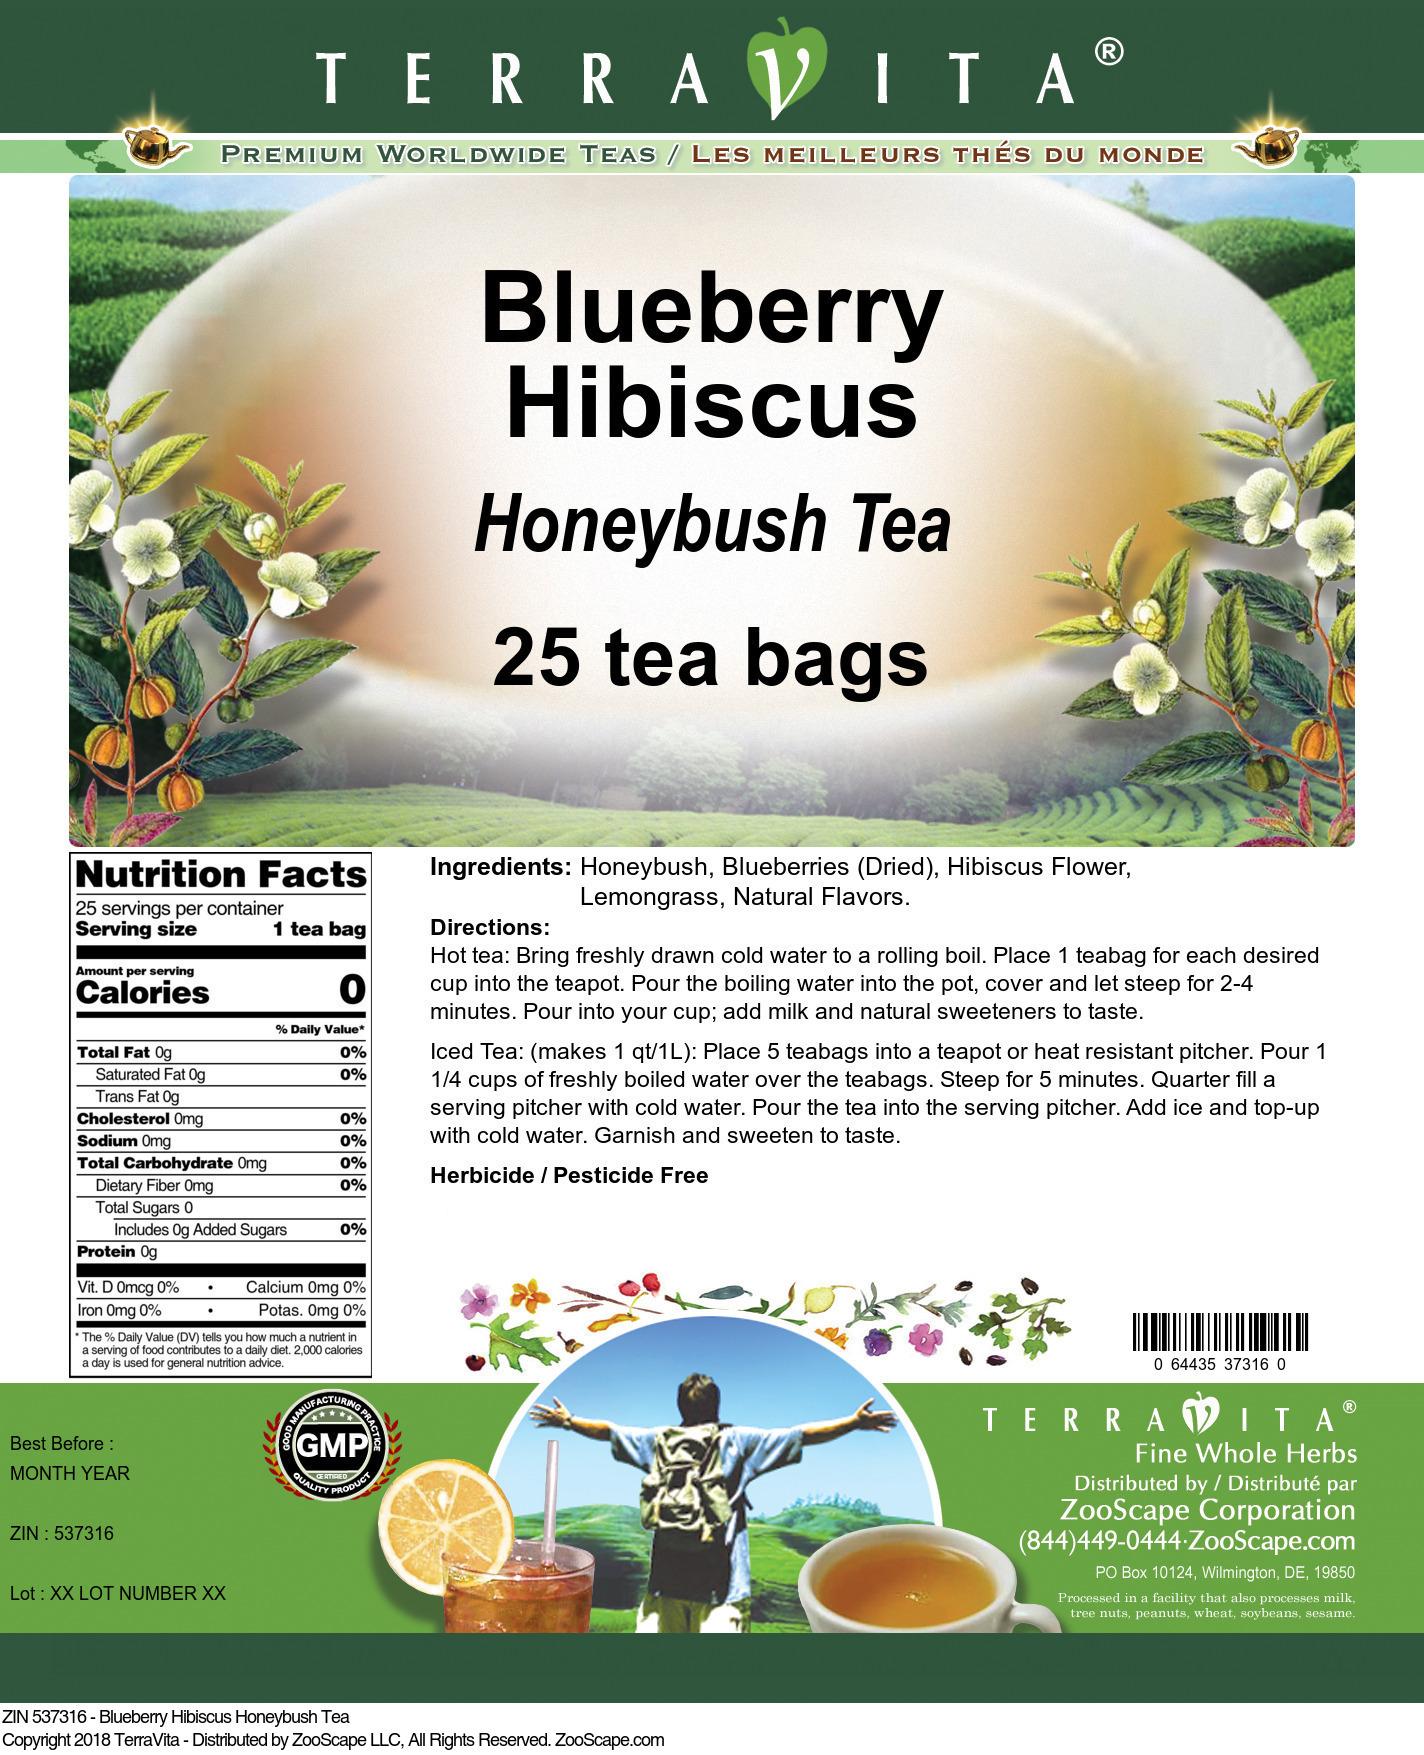 Blueberry Hibiscus Honeybush Tea